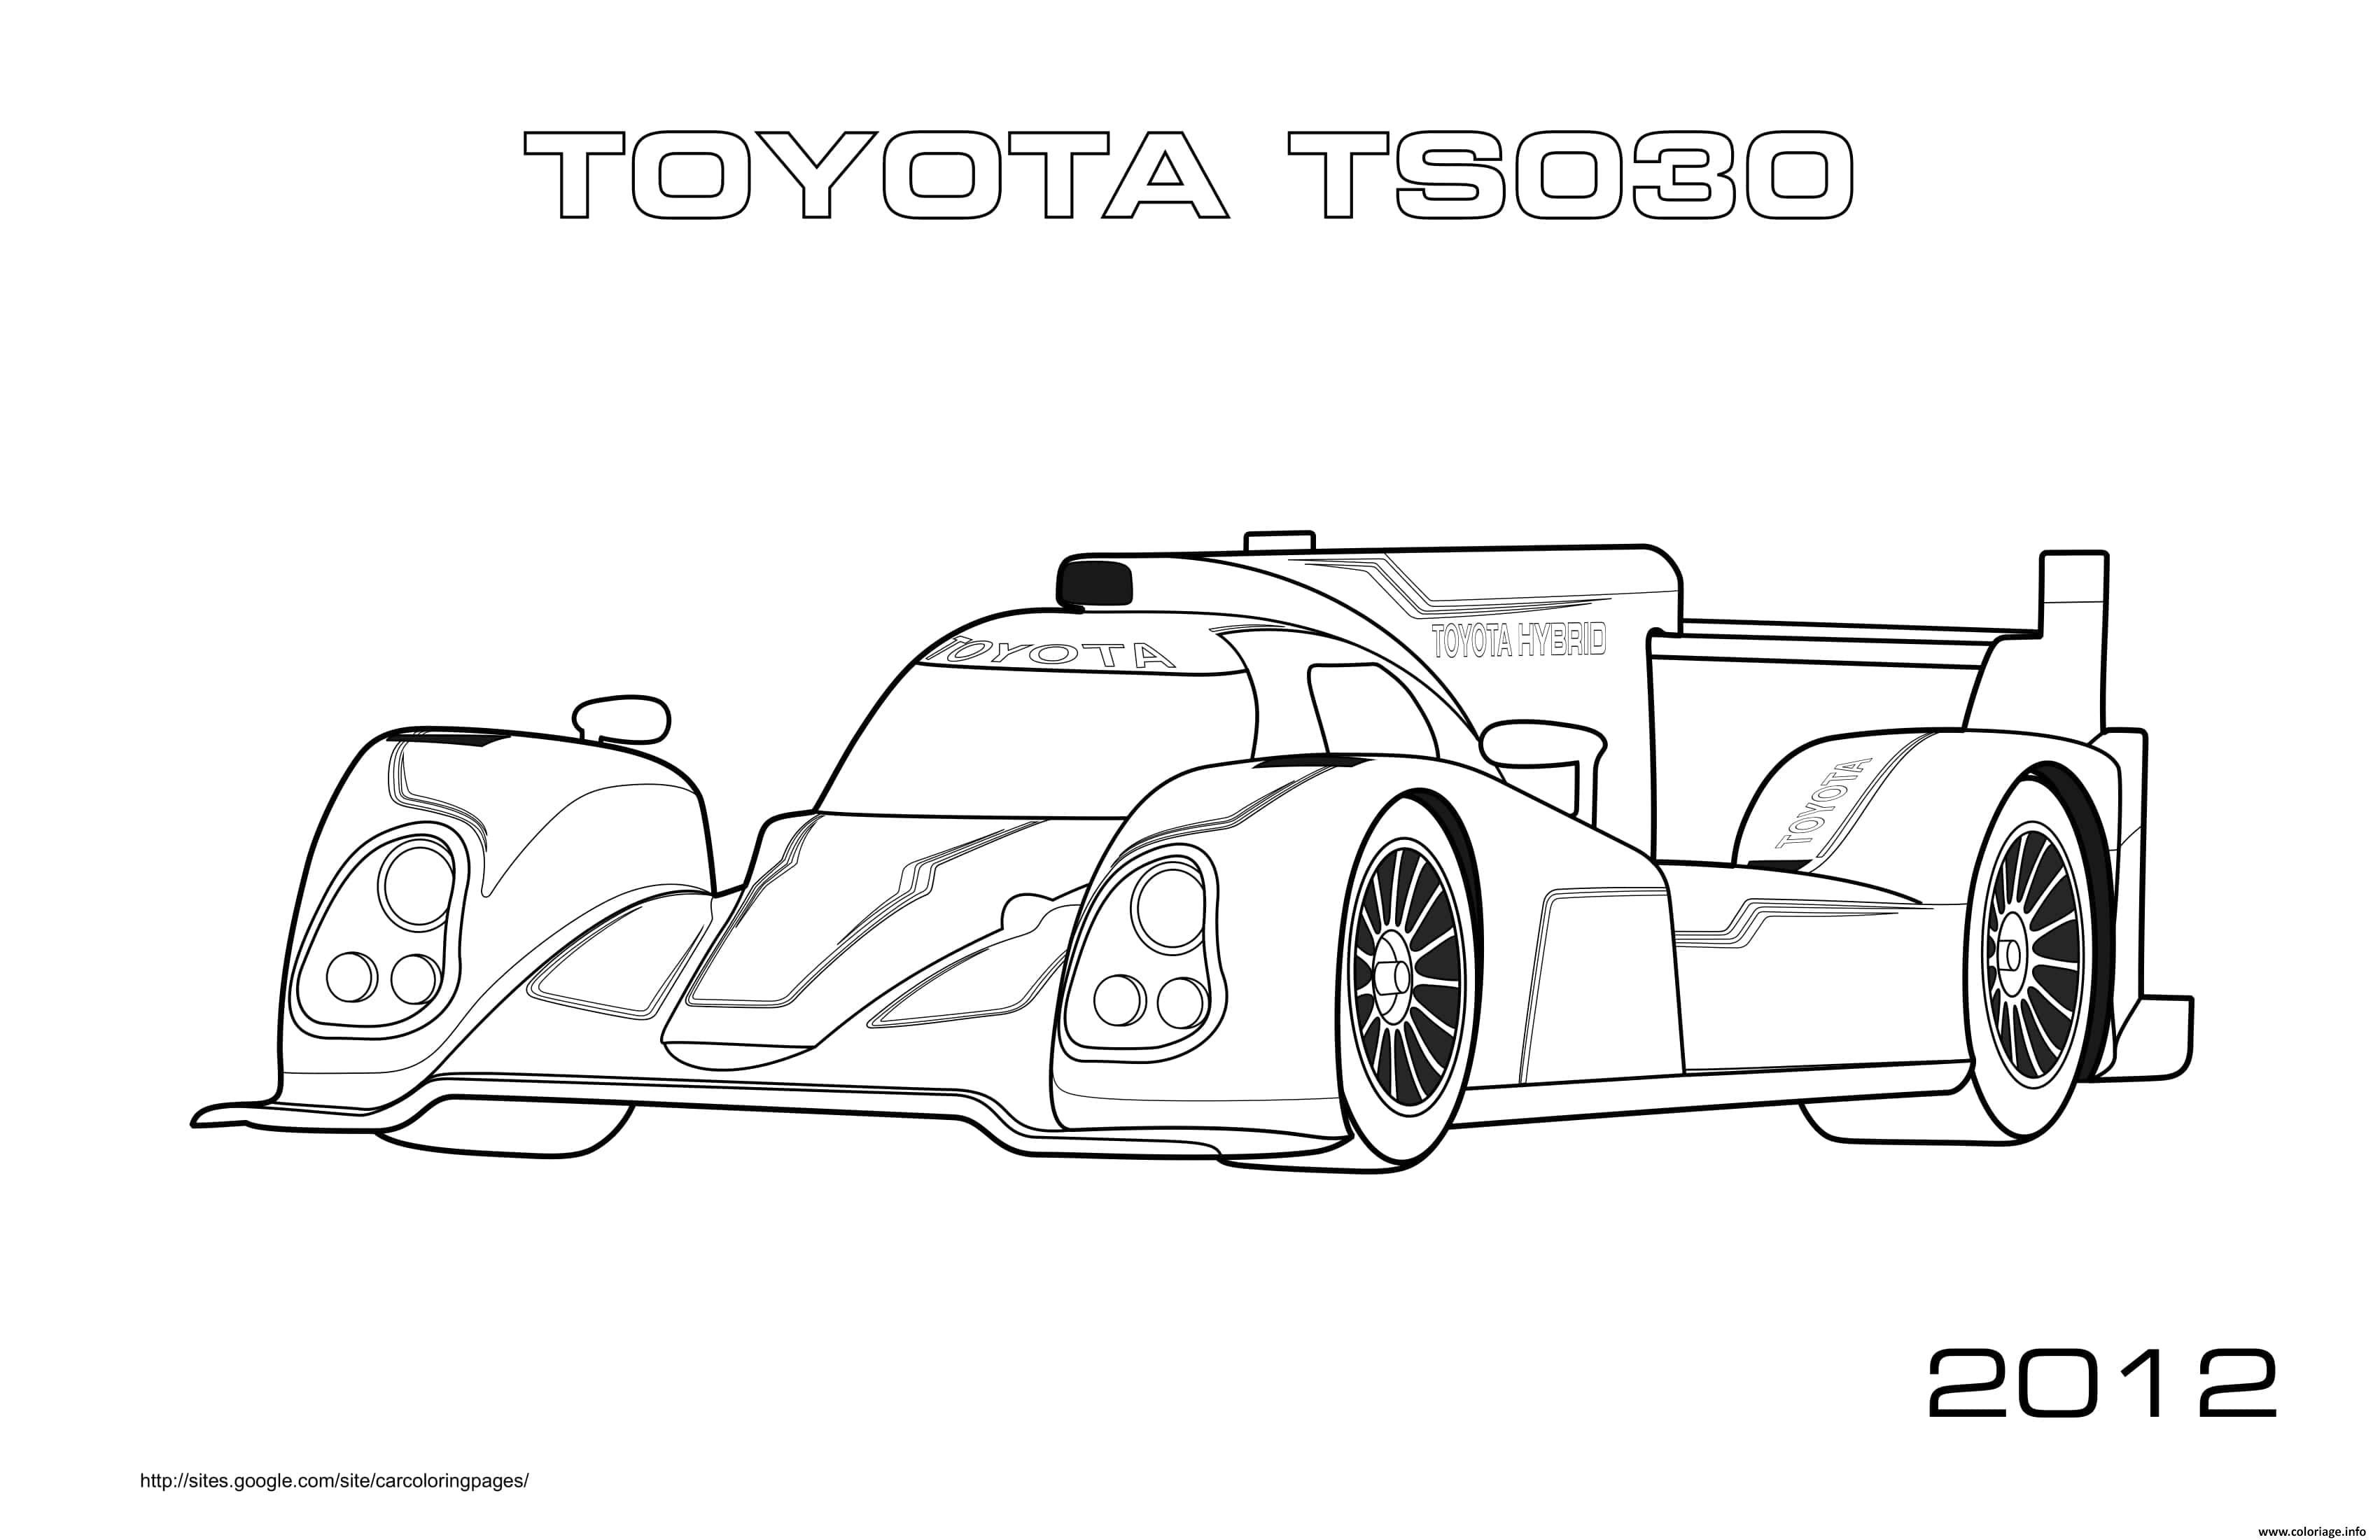 Dessin Formule 1 Voiture Toyota Ts030 2012 Coloriage Gratuit à Imprimer